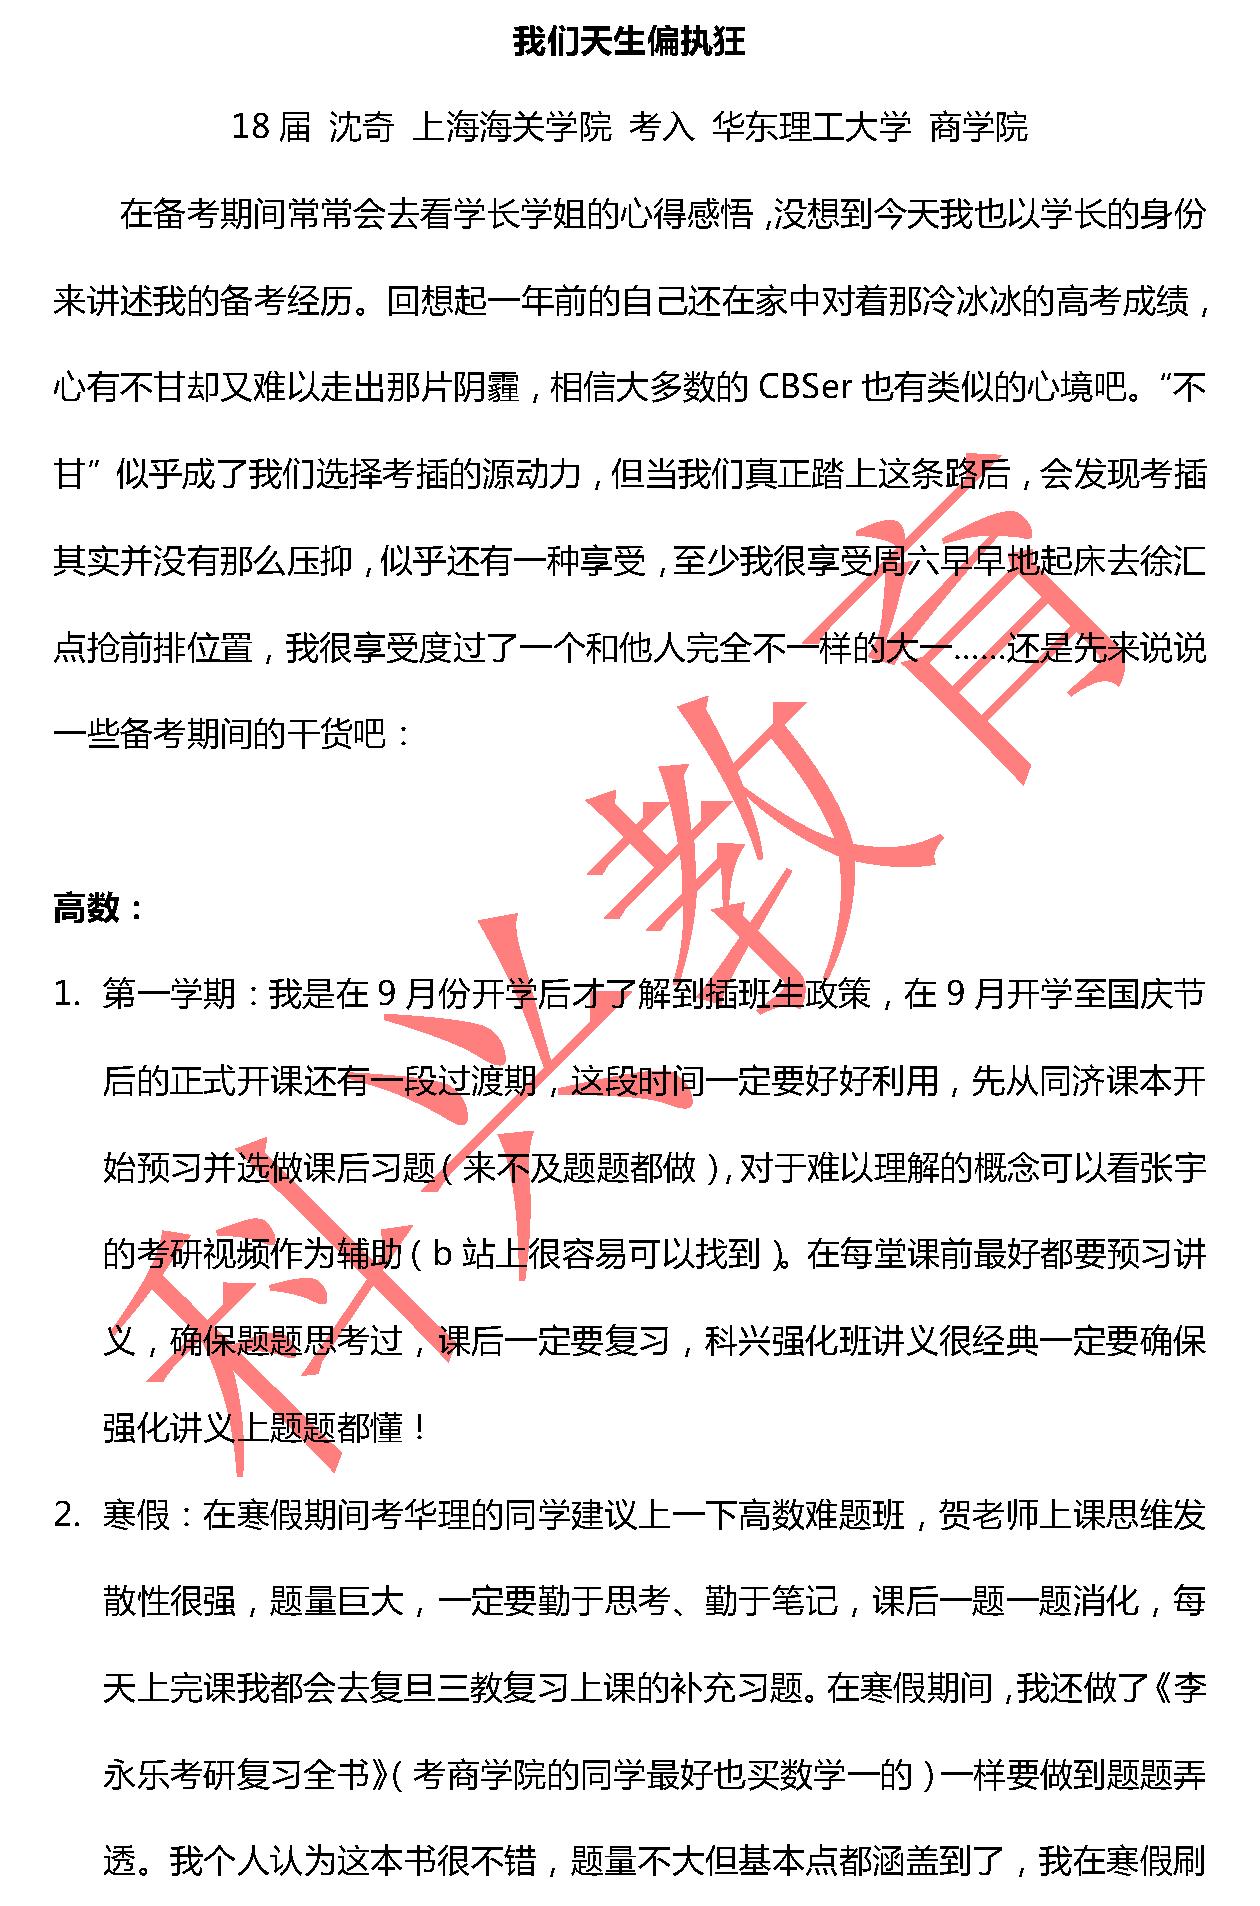 华理沈奇:我们天生偏执狂(18届)